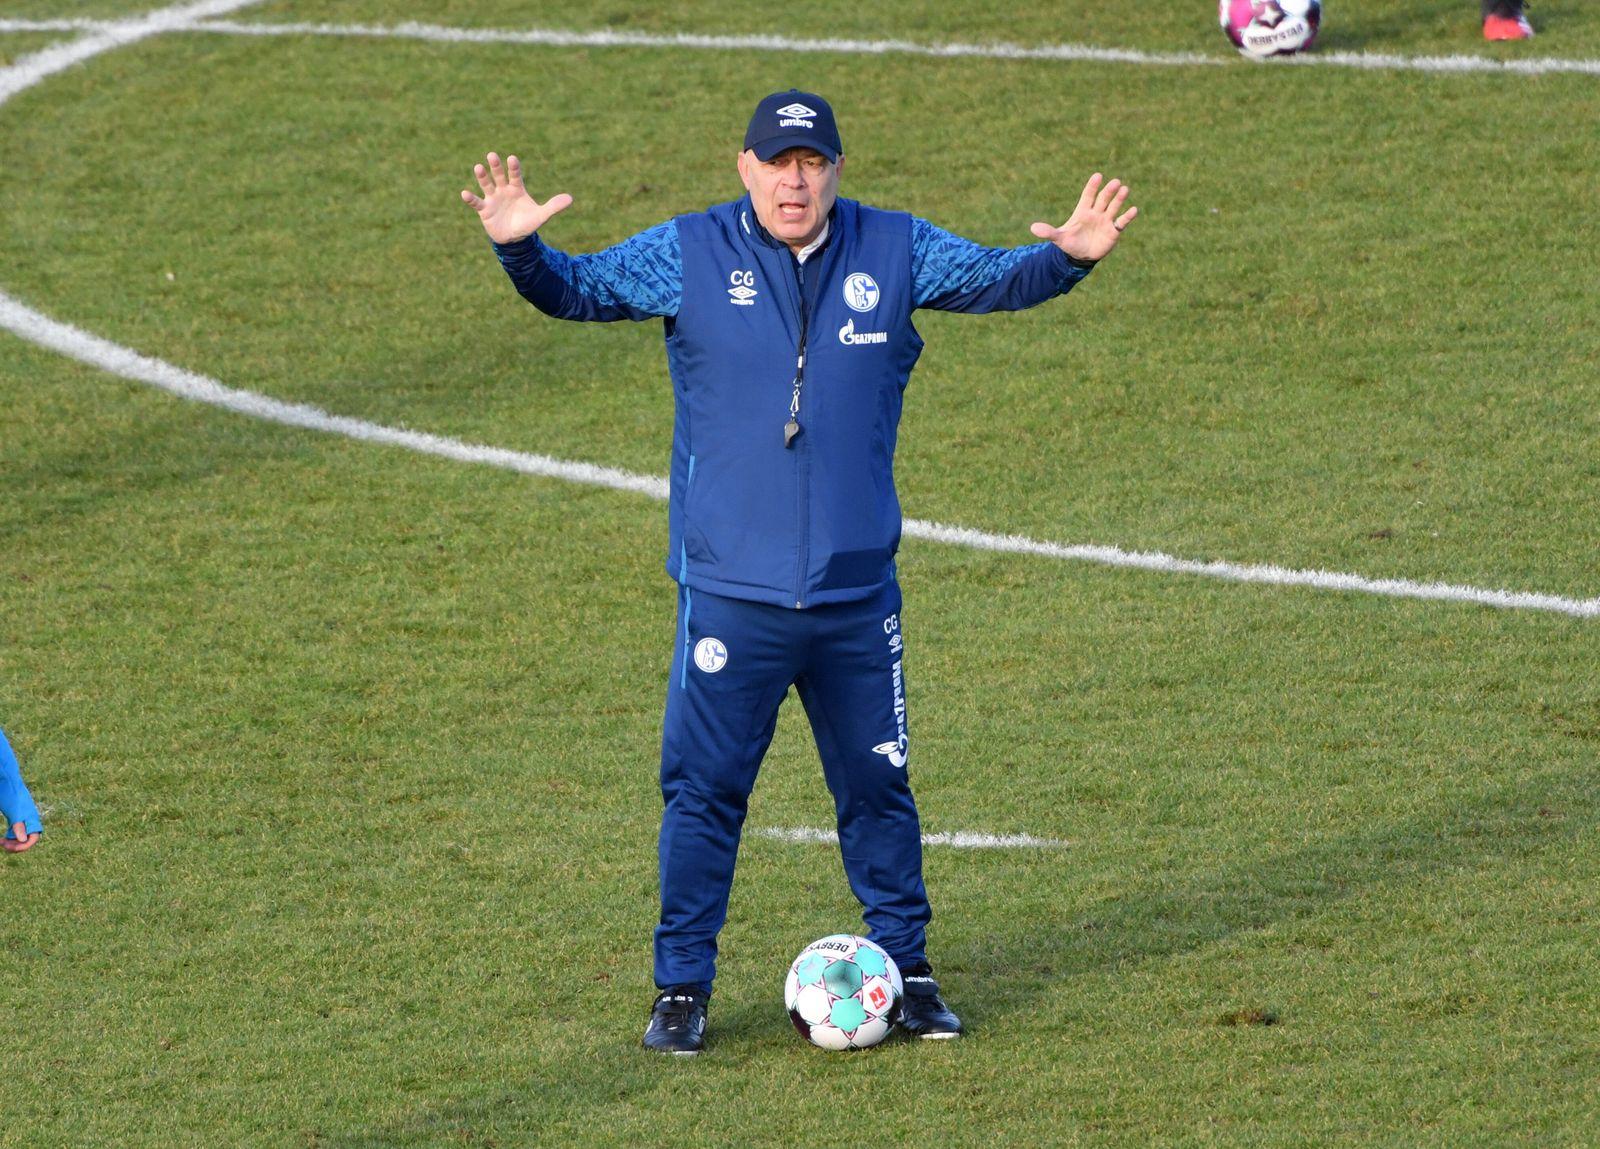 Trainer Christian Gross (FC Schalke 04) 28.12.2020, Fussball GER, Saison 2020 2021, 1. Bundesliga, Training FC Schalke